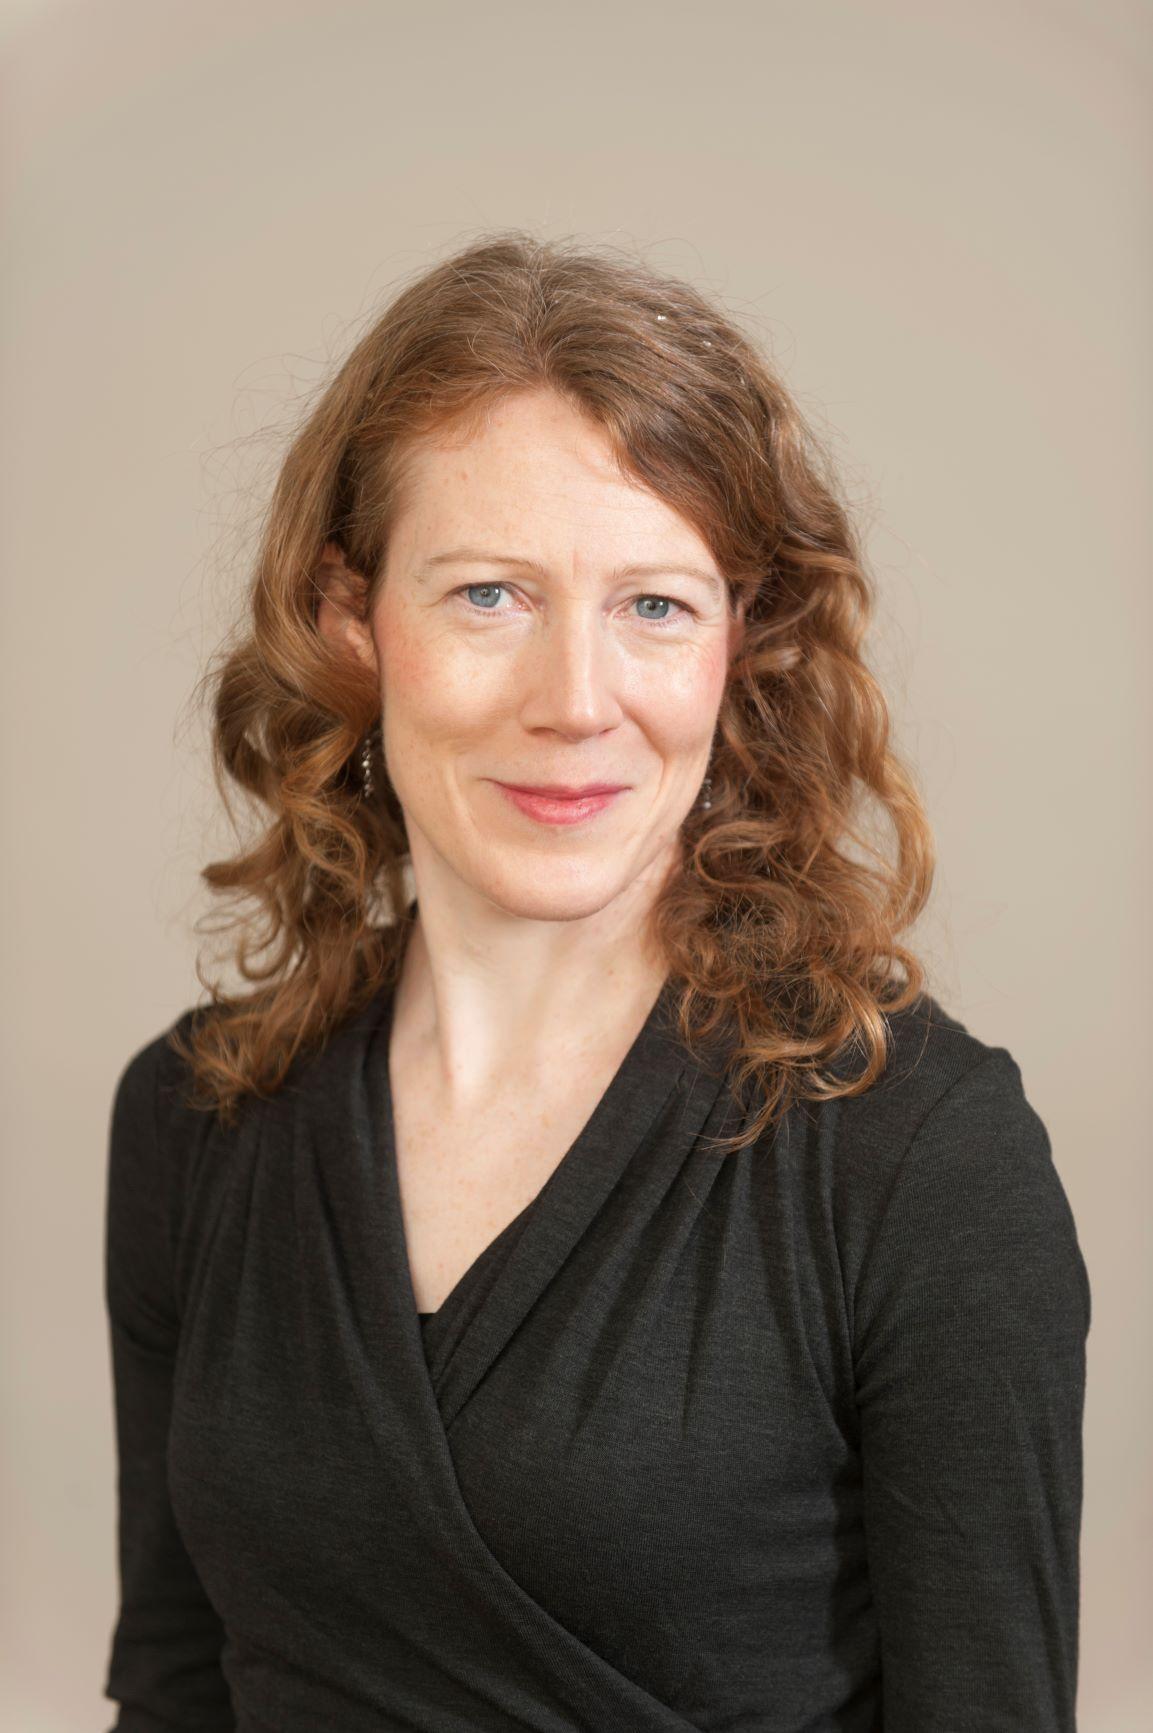 Rebecca Ritzel